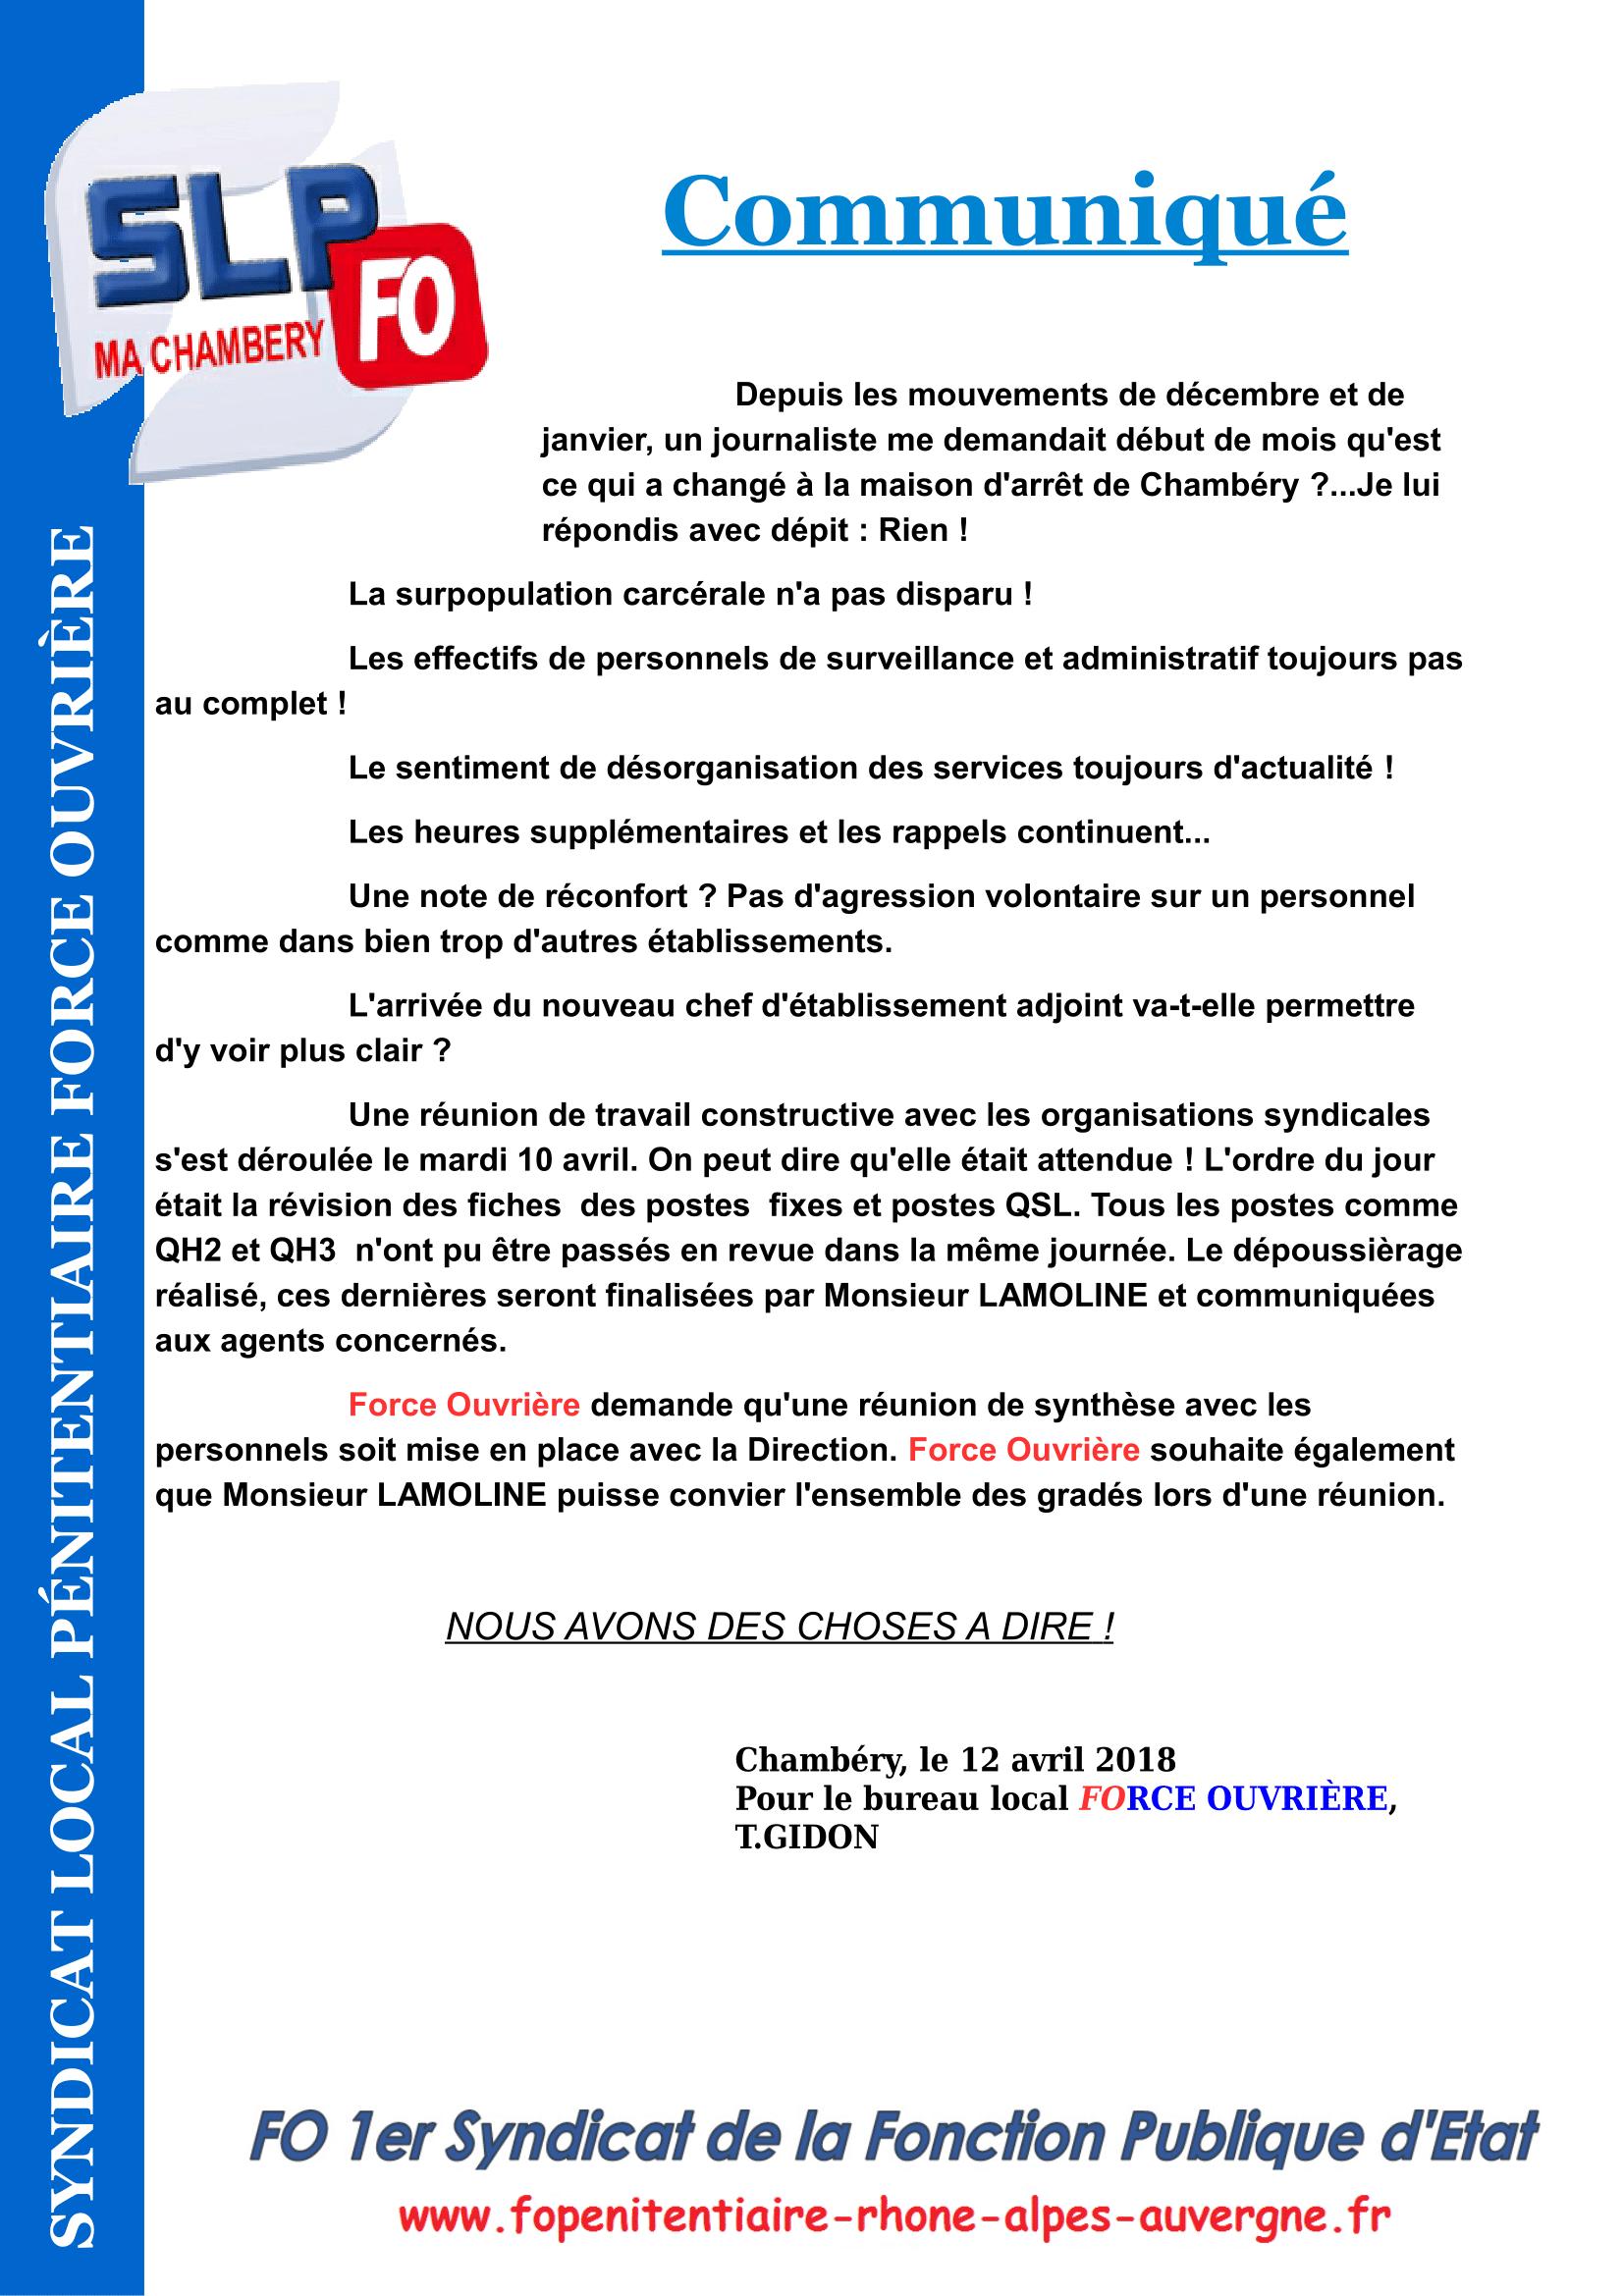 communiqué FO MA CHAMBERY 12 avril 2018-1